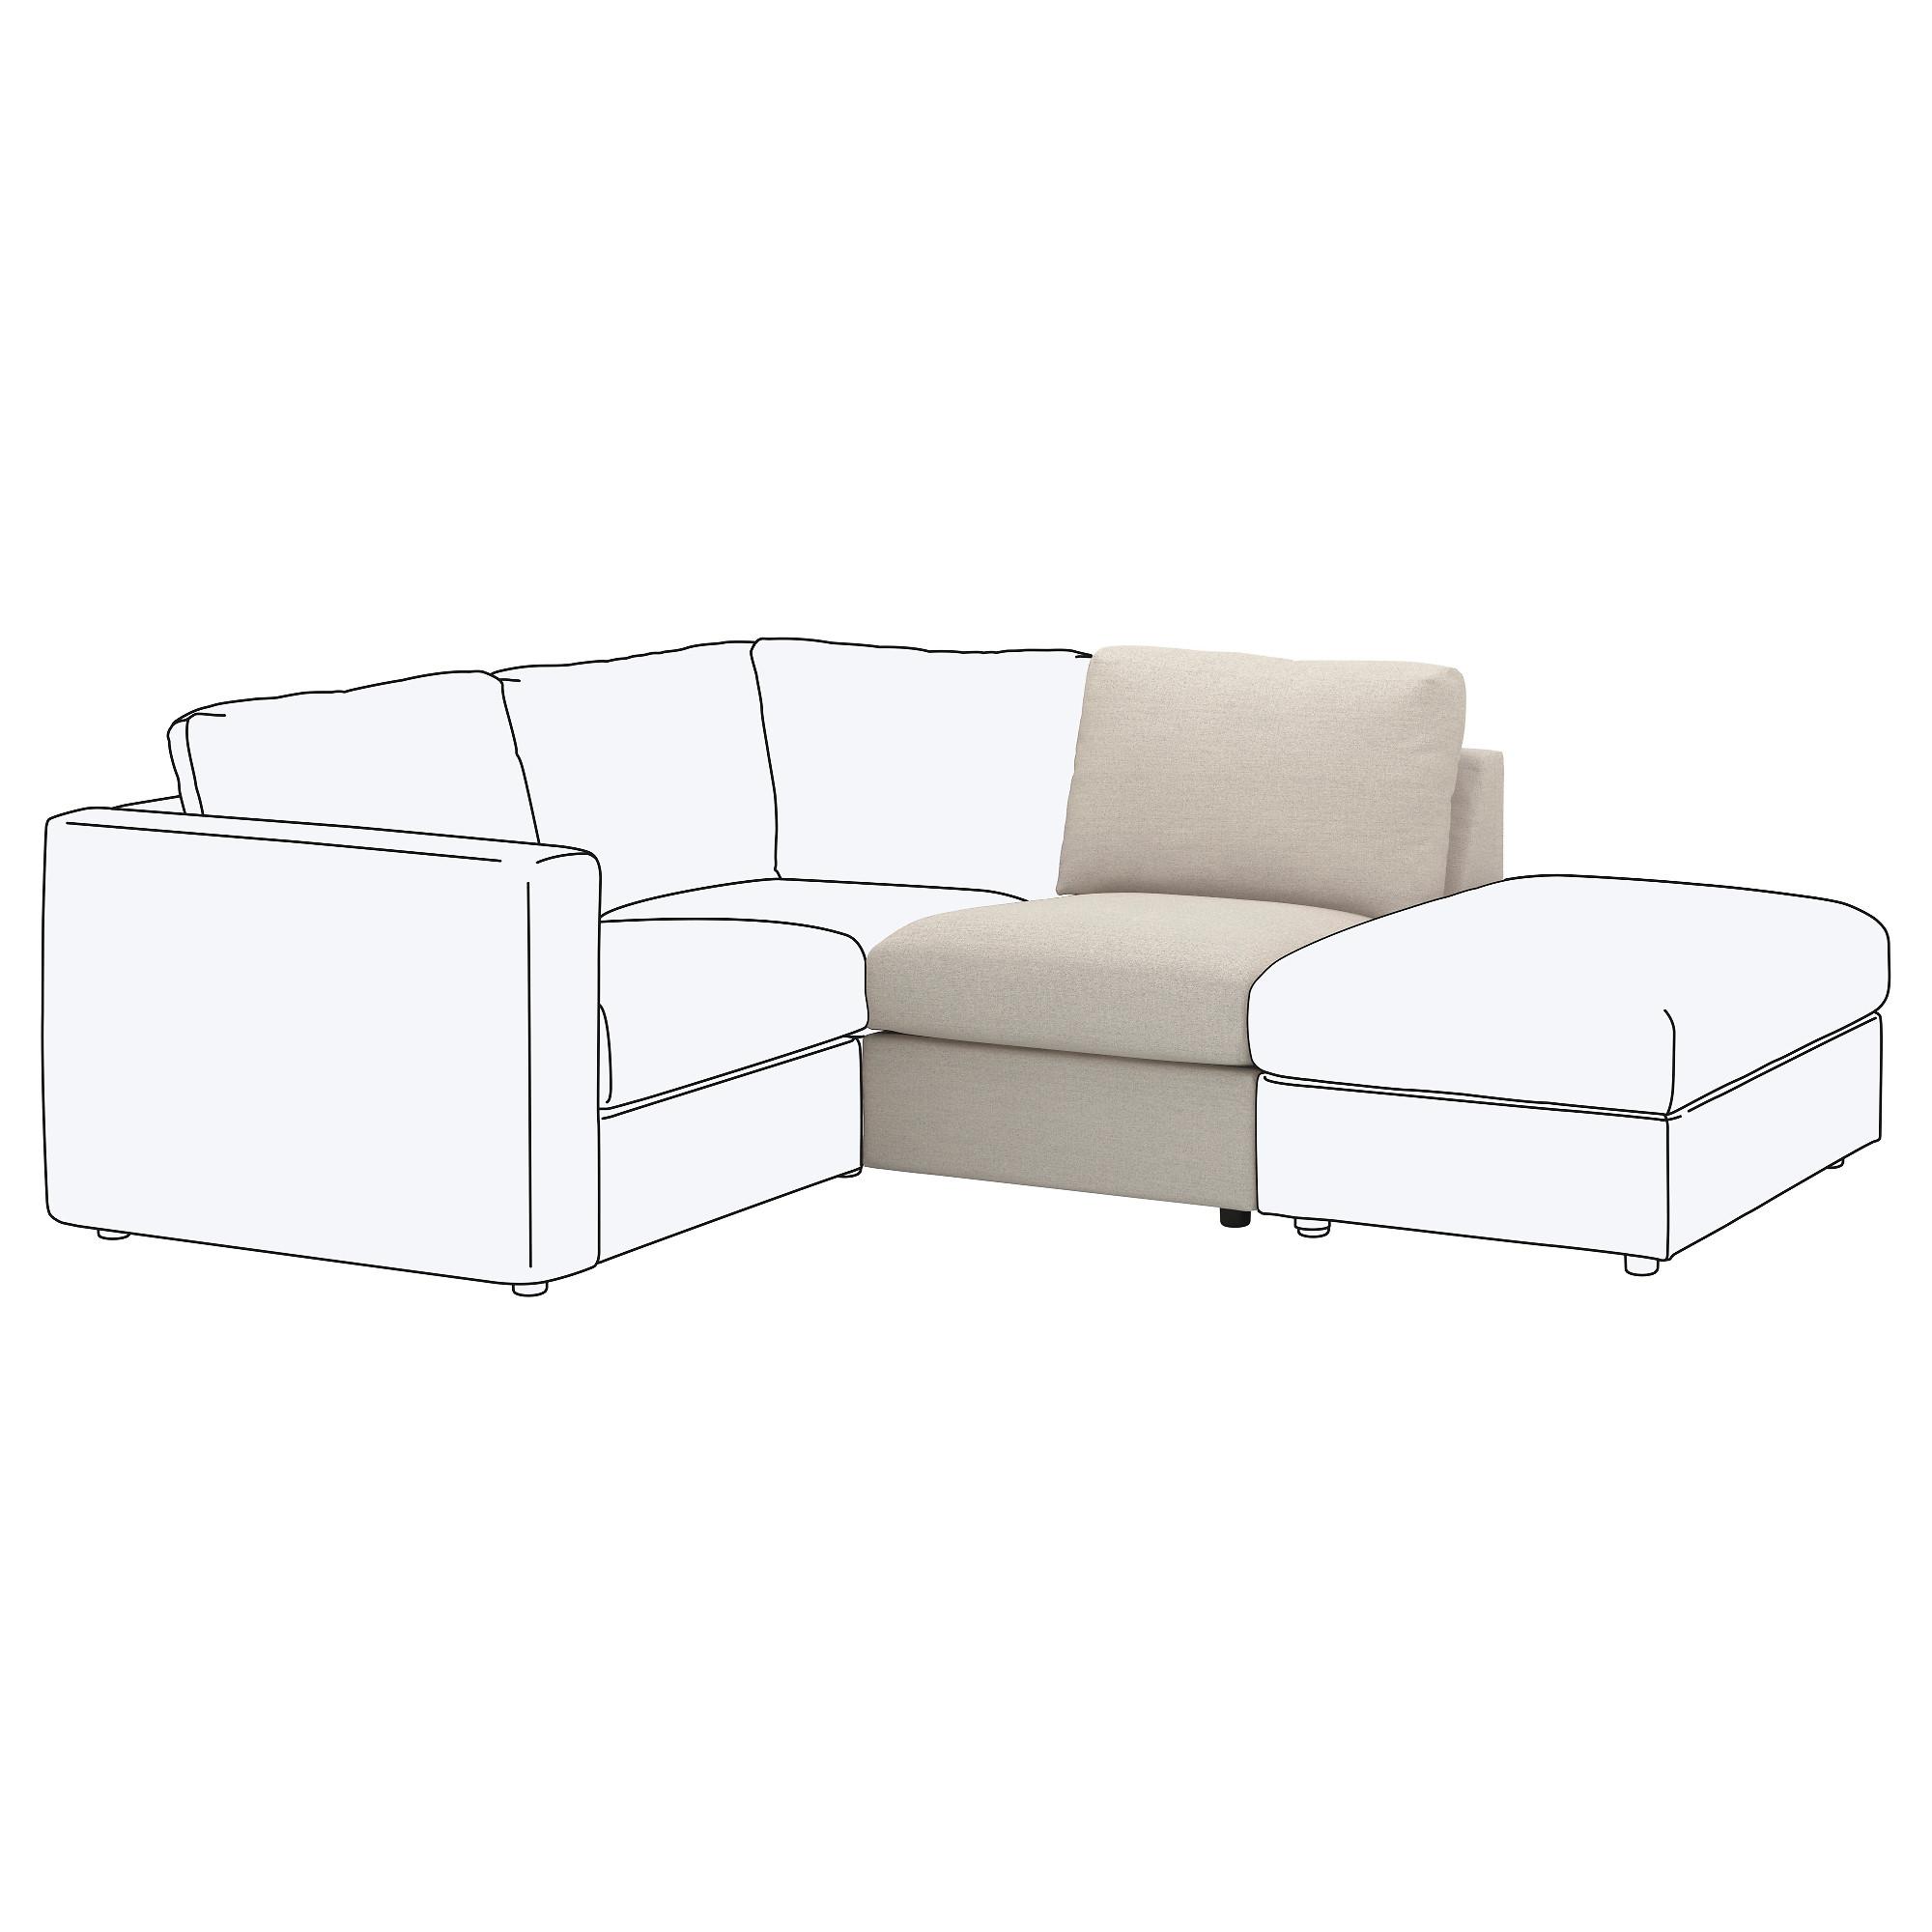 2000x2000 Modular Sofas Amp Sectional Sofas Ikea